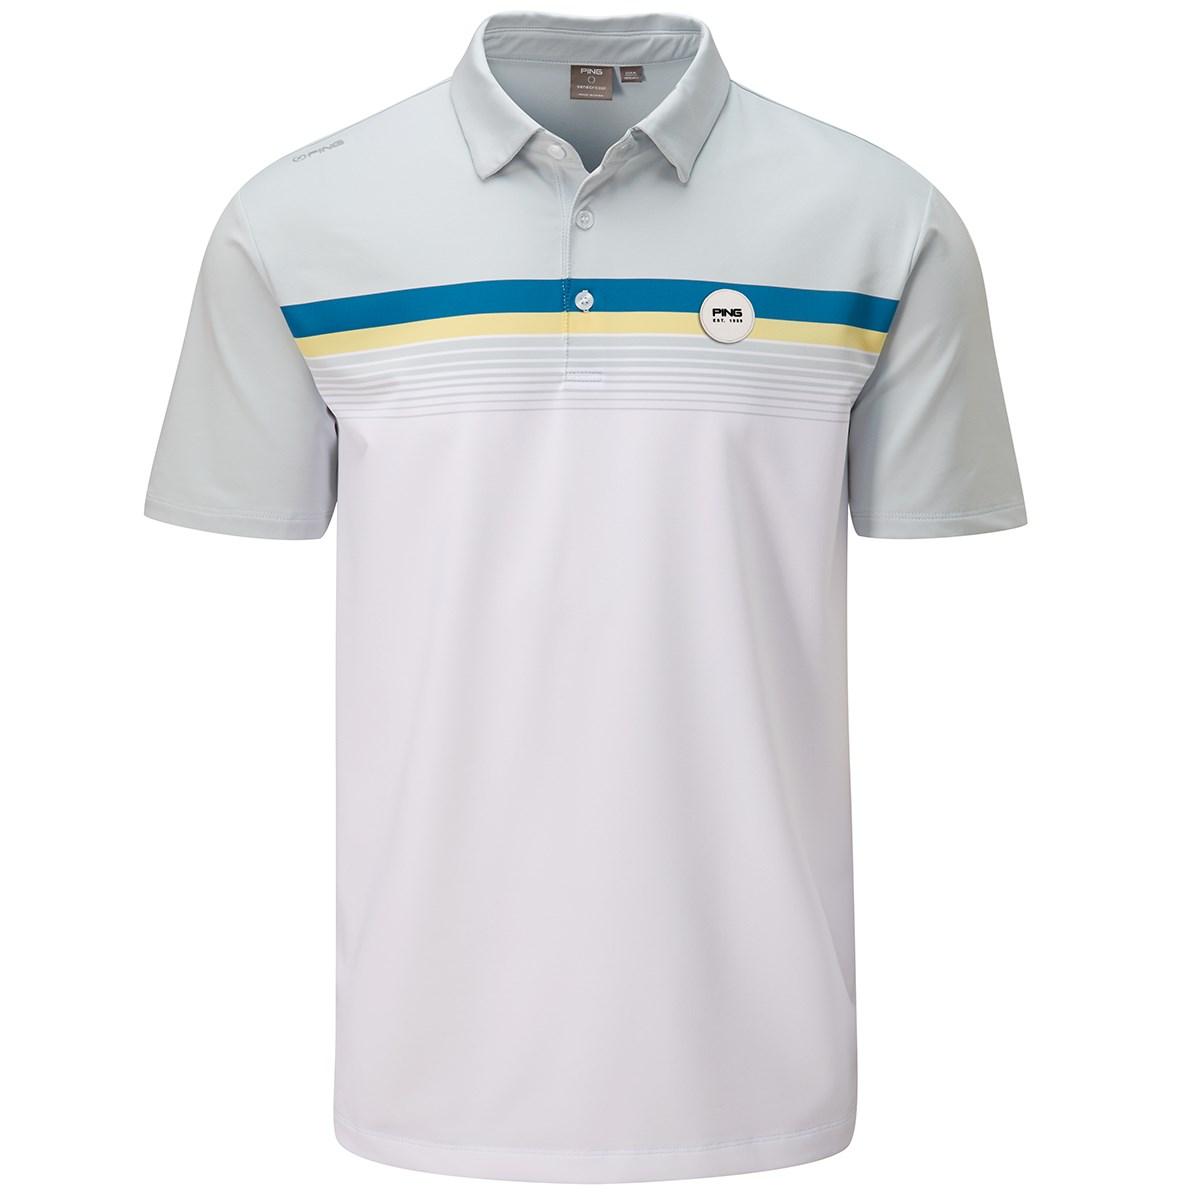 ピン(PING) リッジ-J ストレッチ半袖ポロシャツ